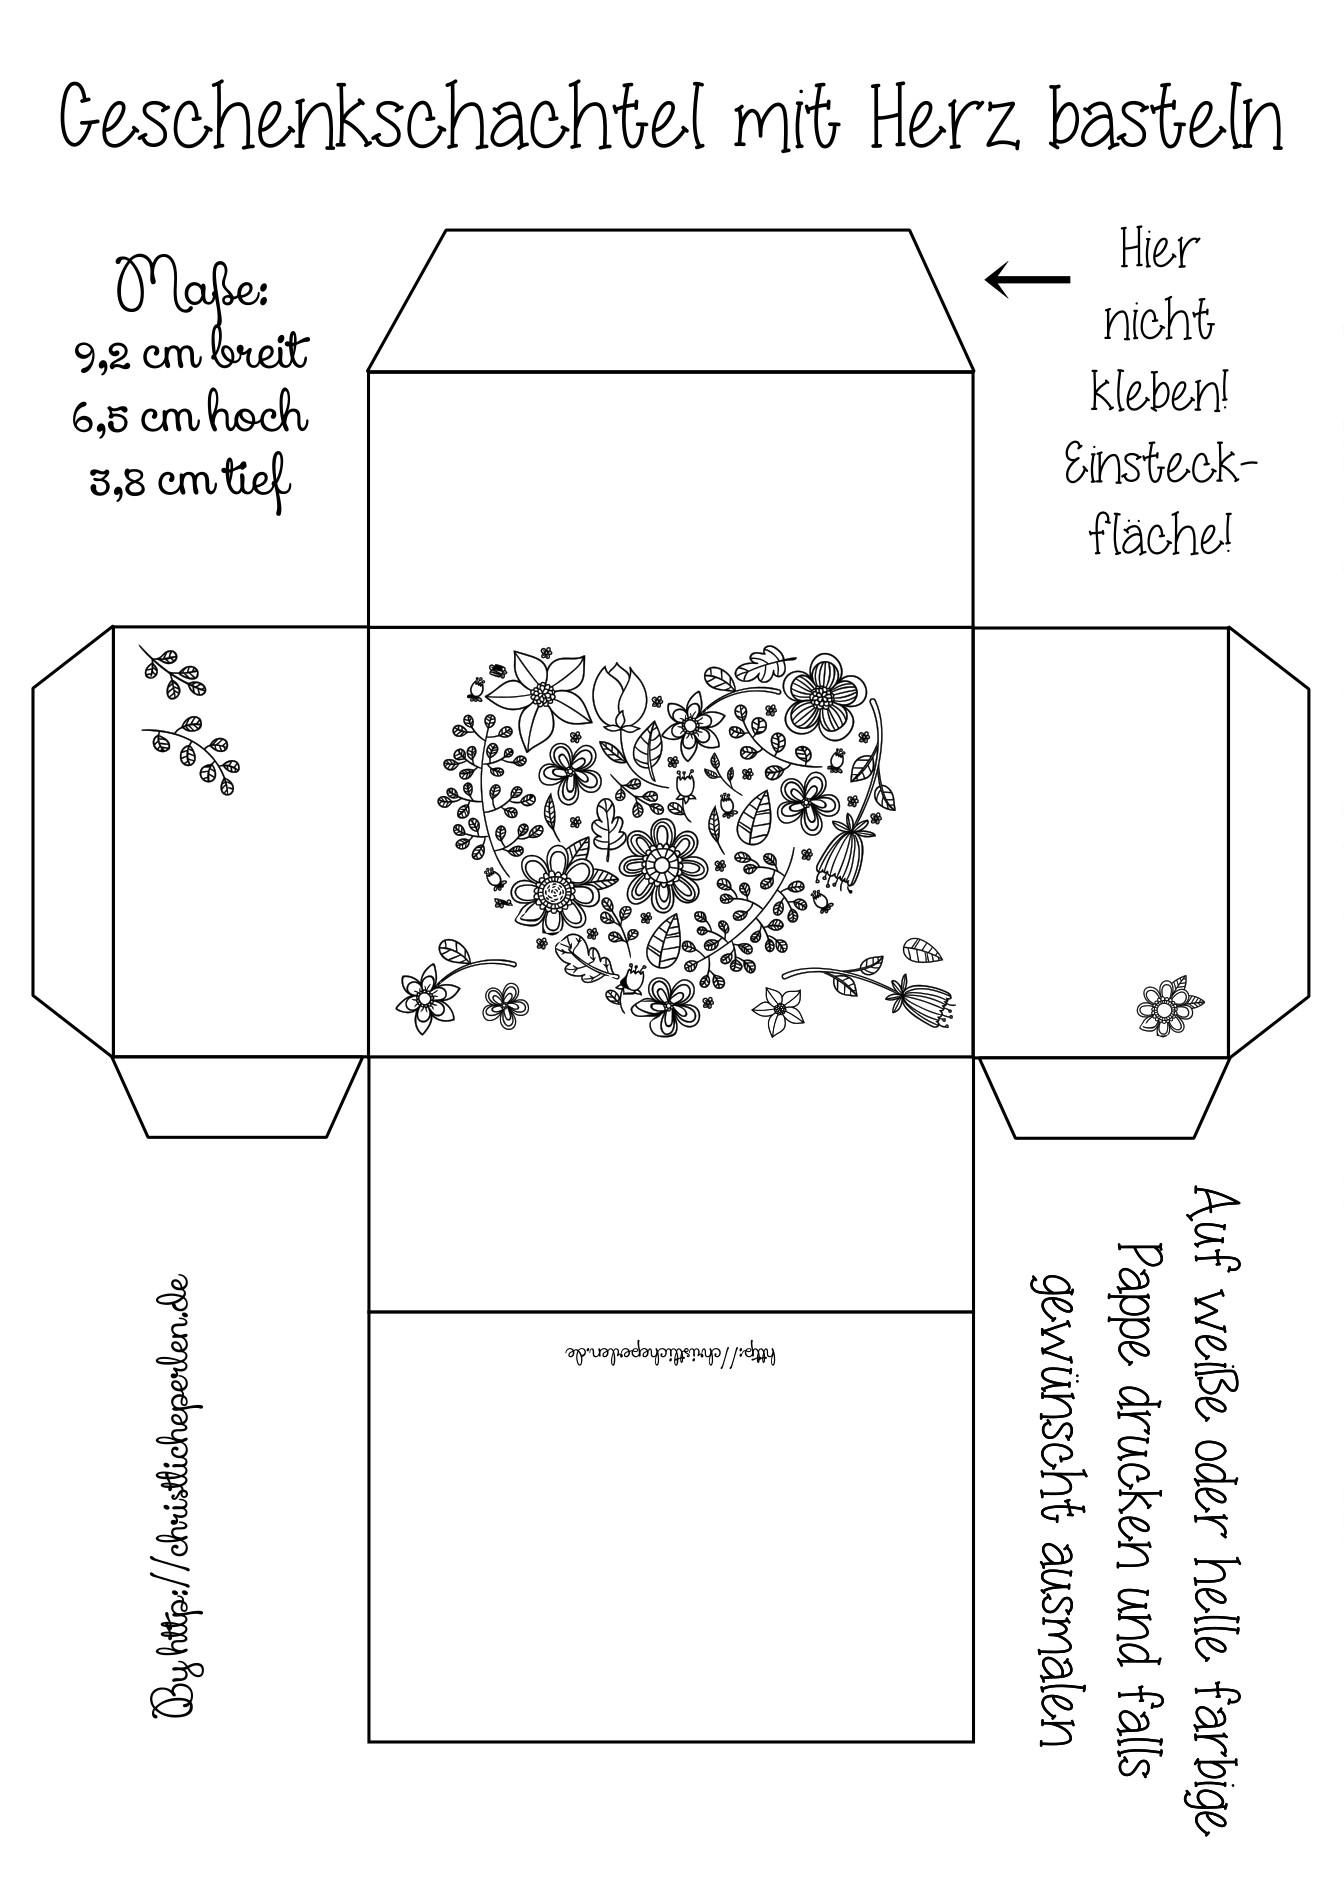 Bastelideen Für Den Garten Inspirierend Bastelideen Für Kindergeburtstag Kostenlos Garten Archives